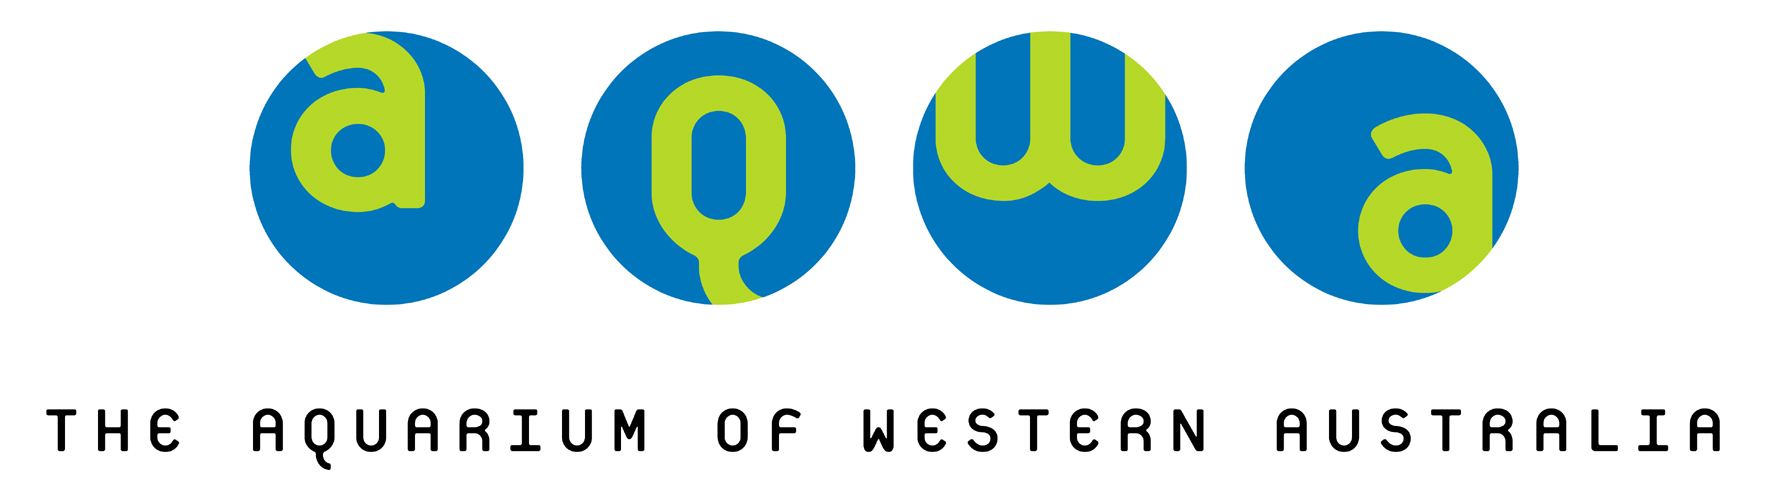 AQWA logo